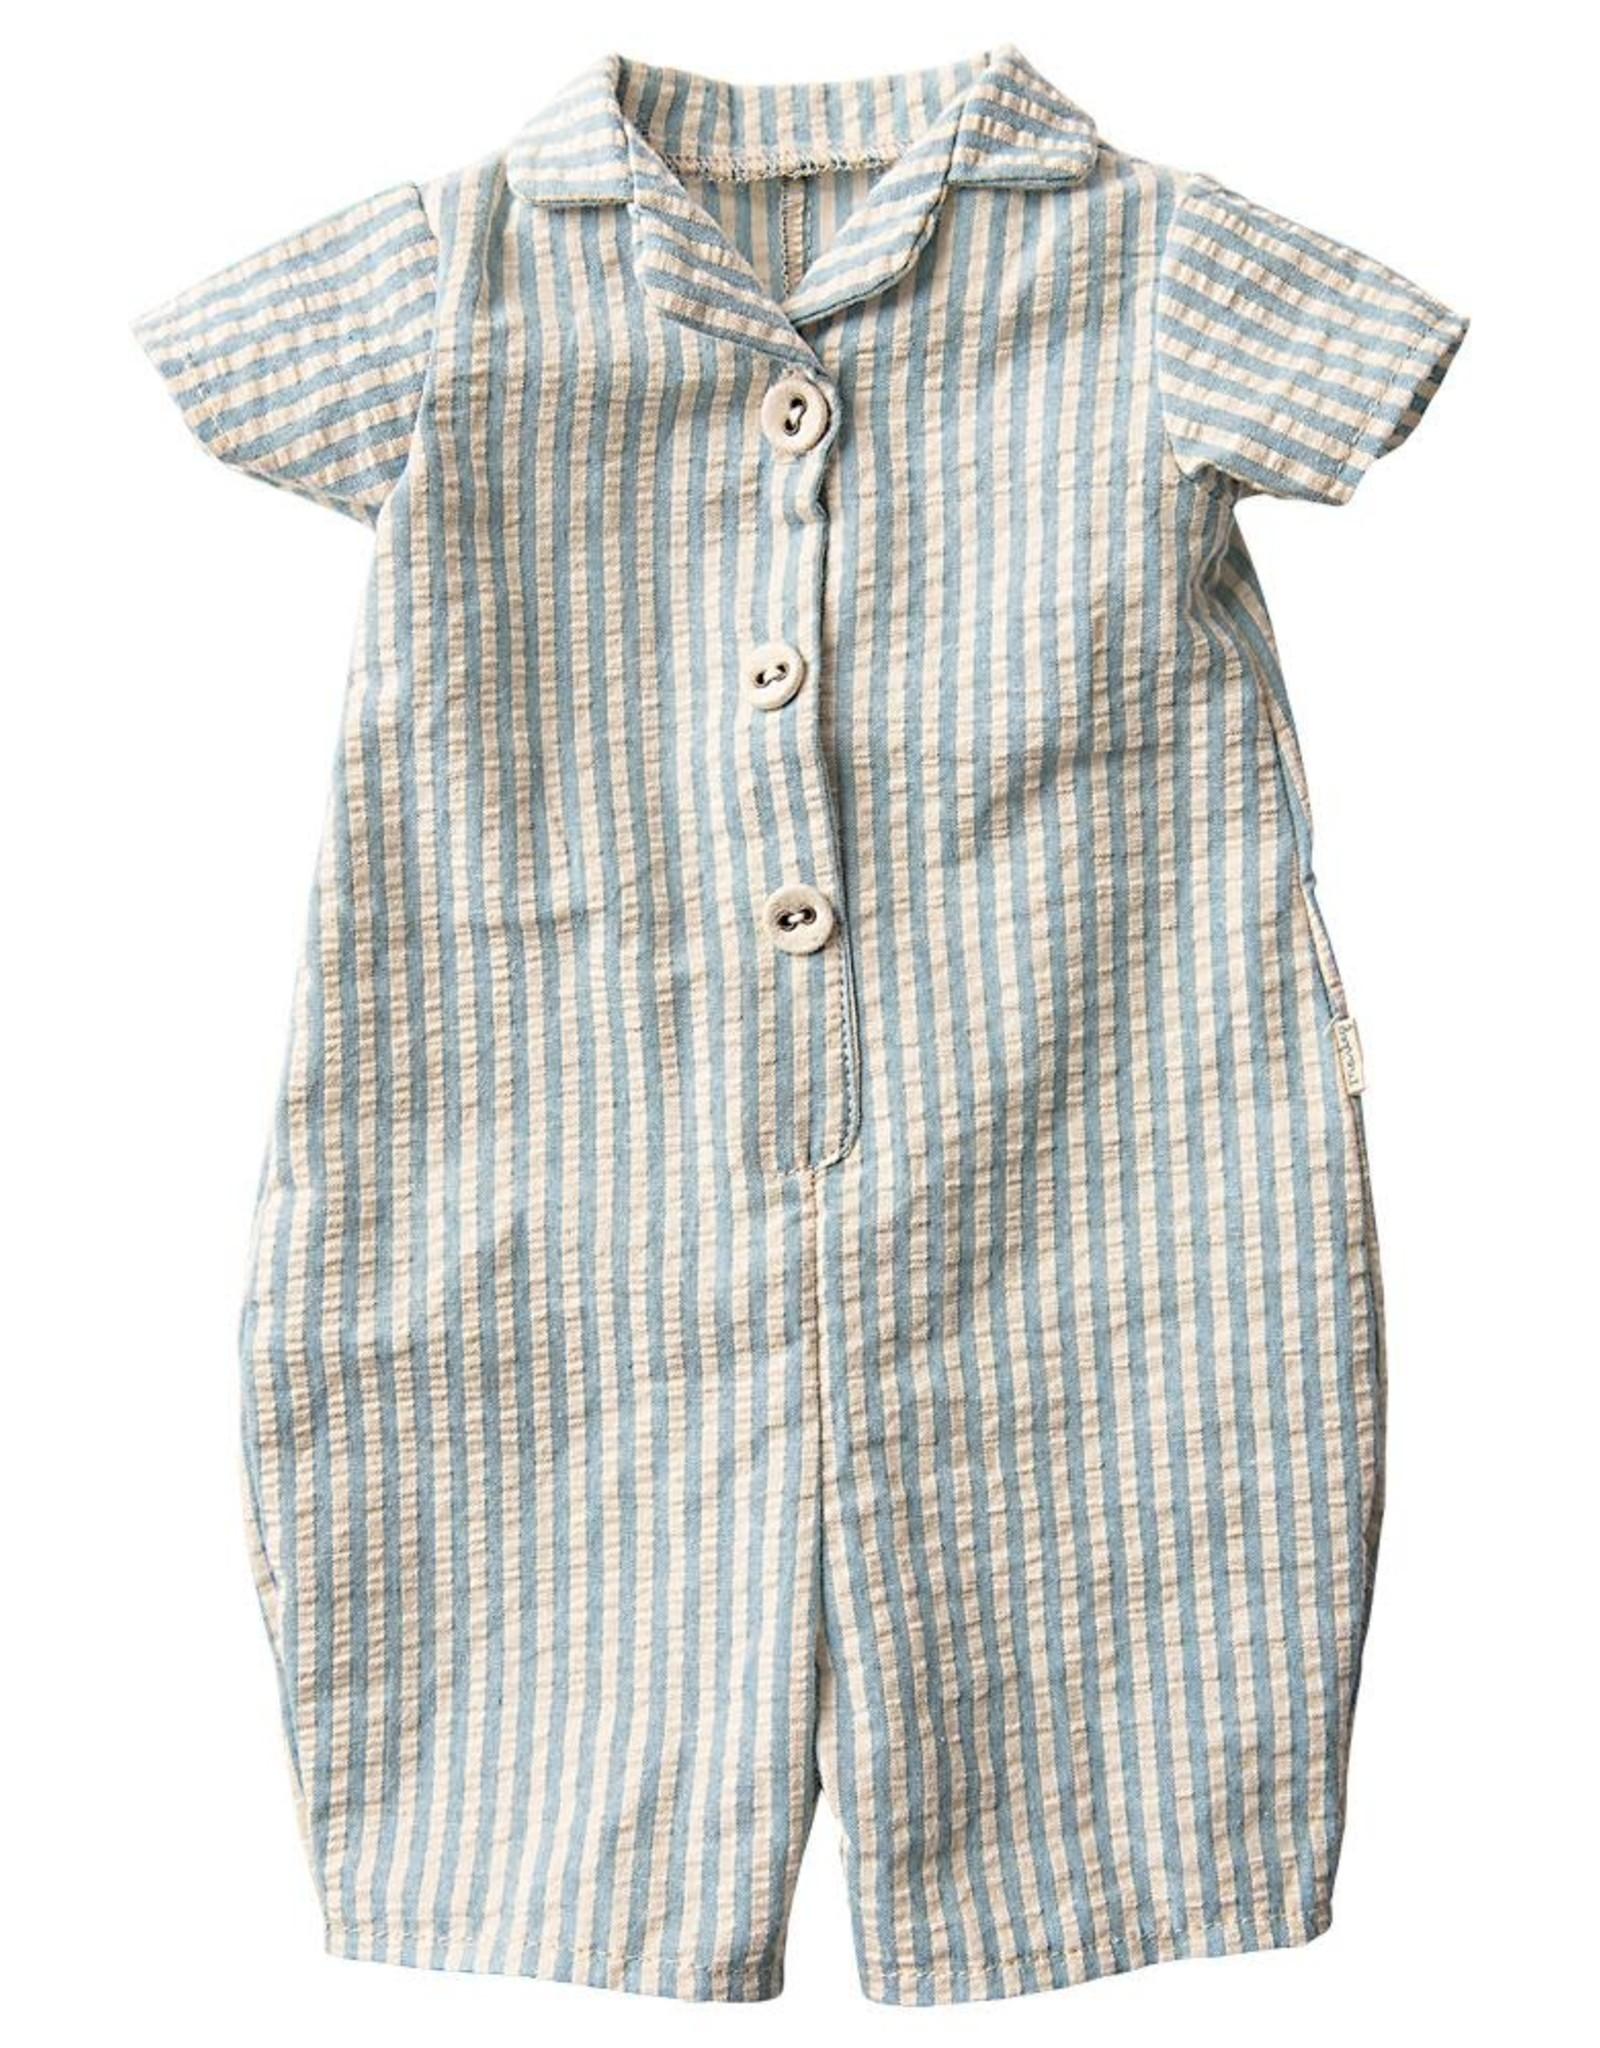 Maileg Pyjama Size 4